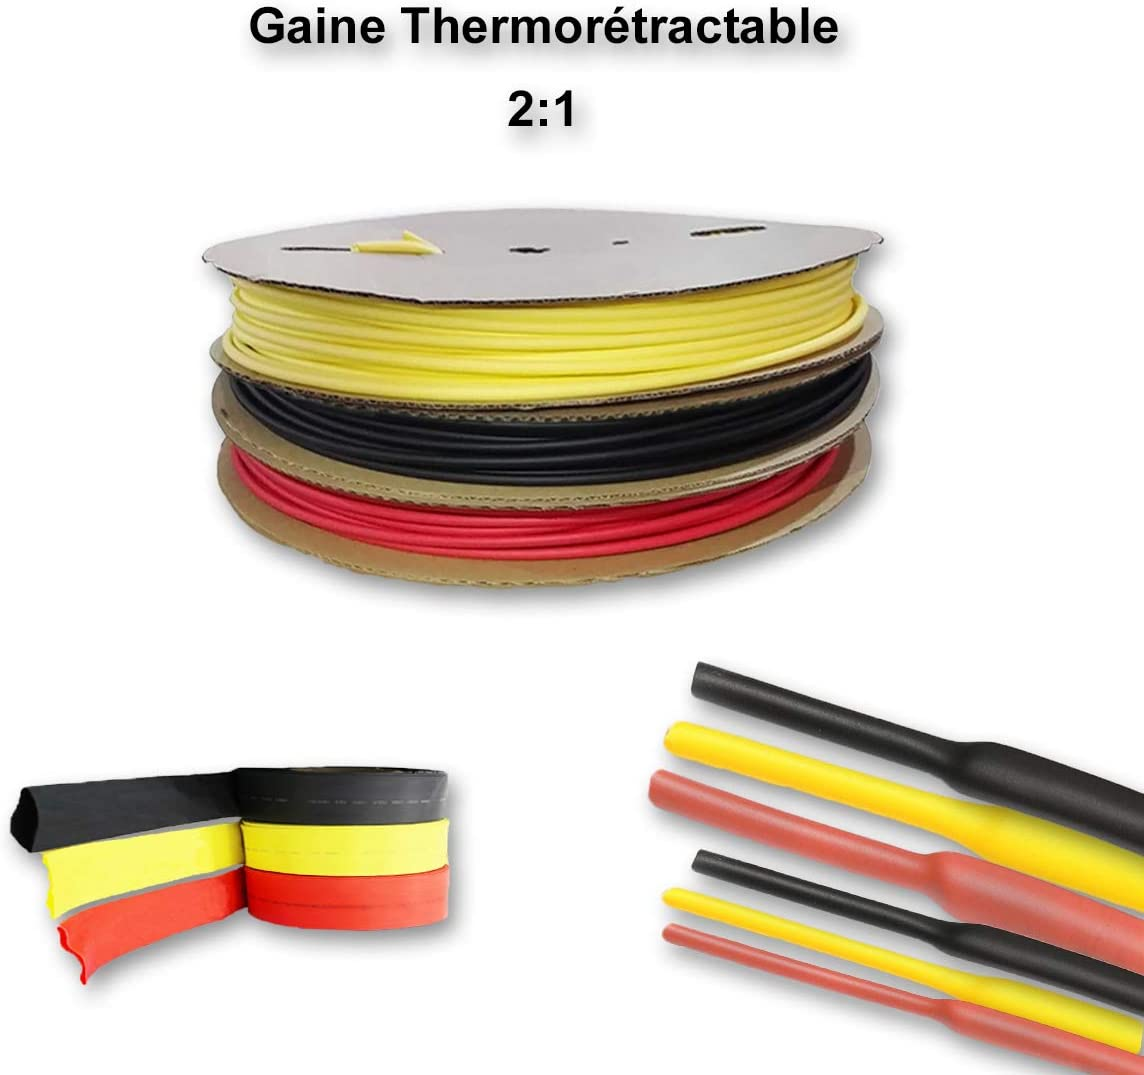 Gaine thermor/étractable 2:1 Noire sans colle /Ø6mm, 10 M/ètres - /Ø 1MM /à 13MM de 0,5m /à 10m